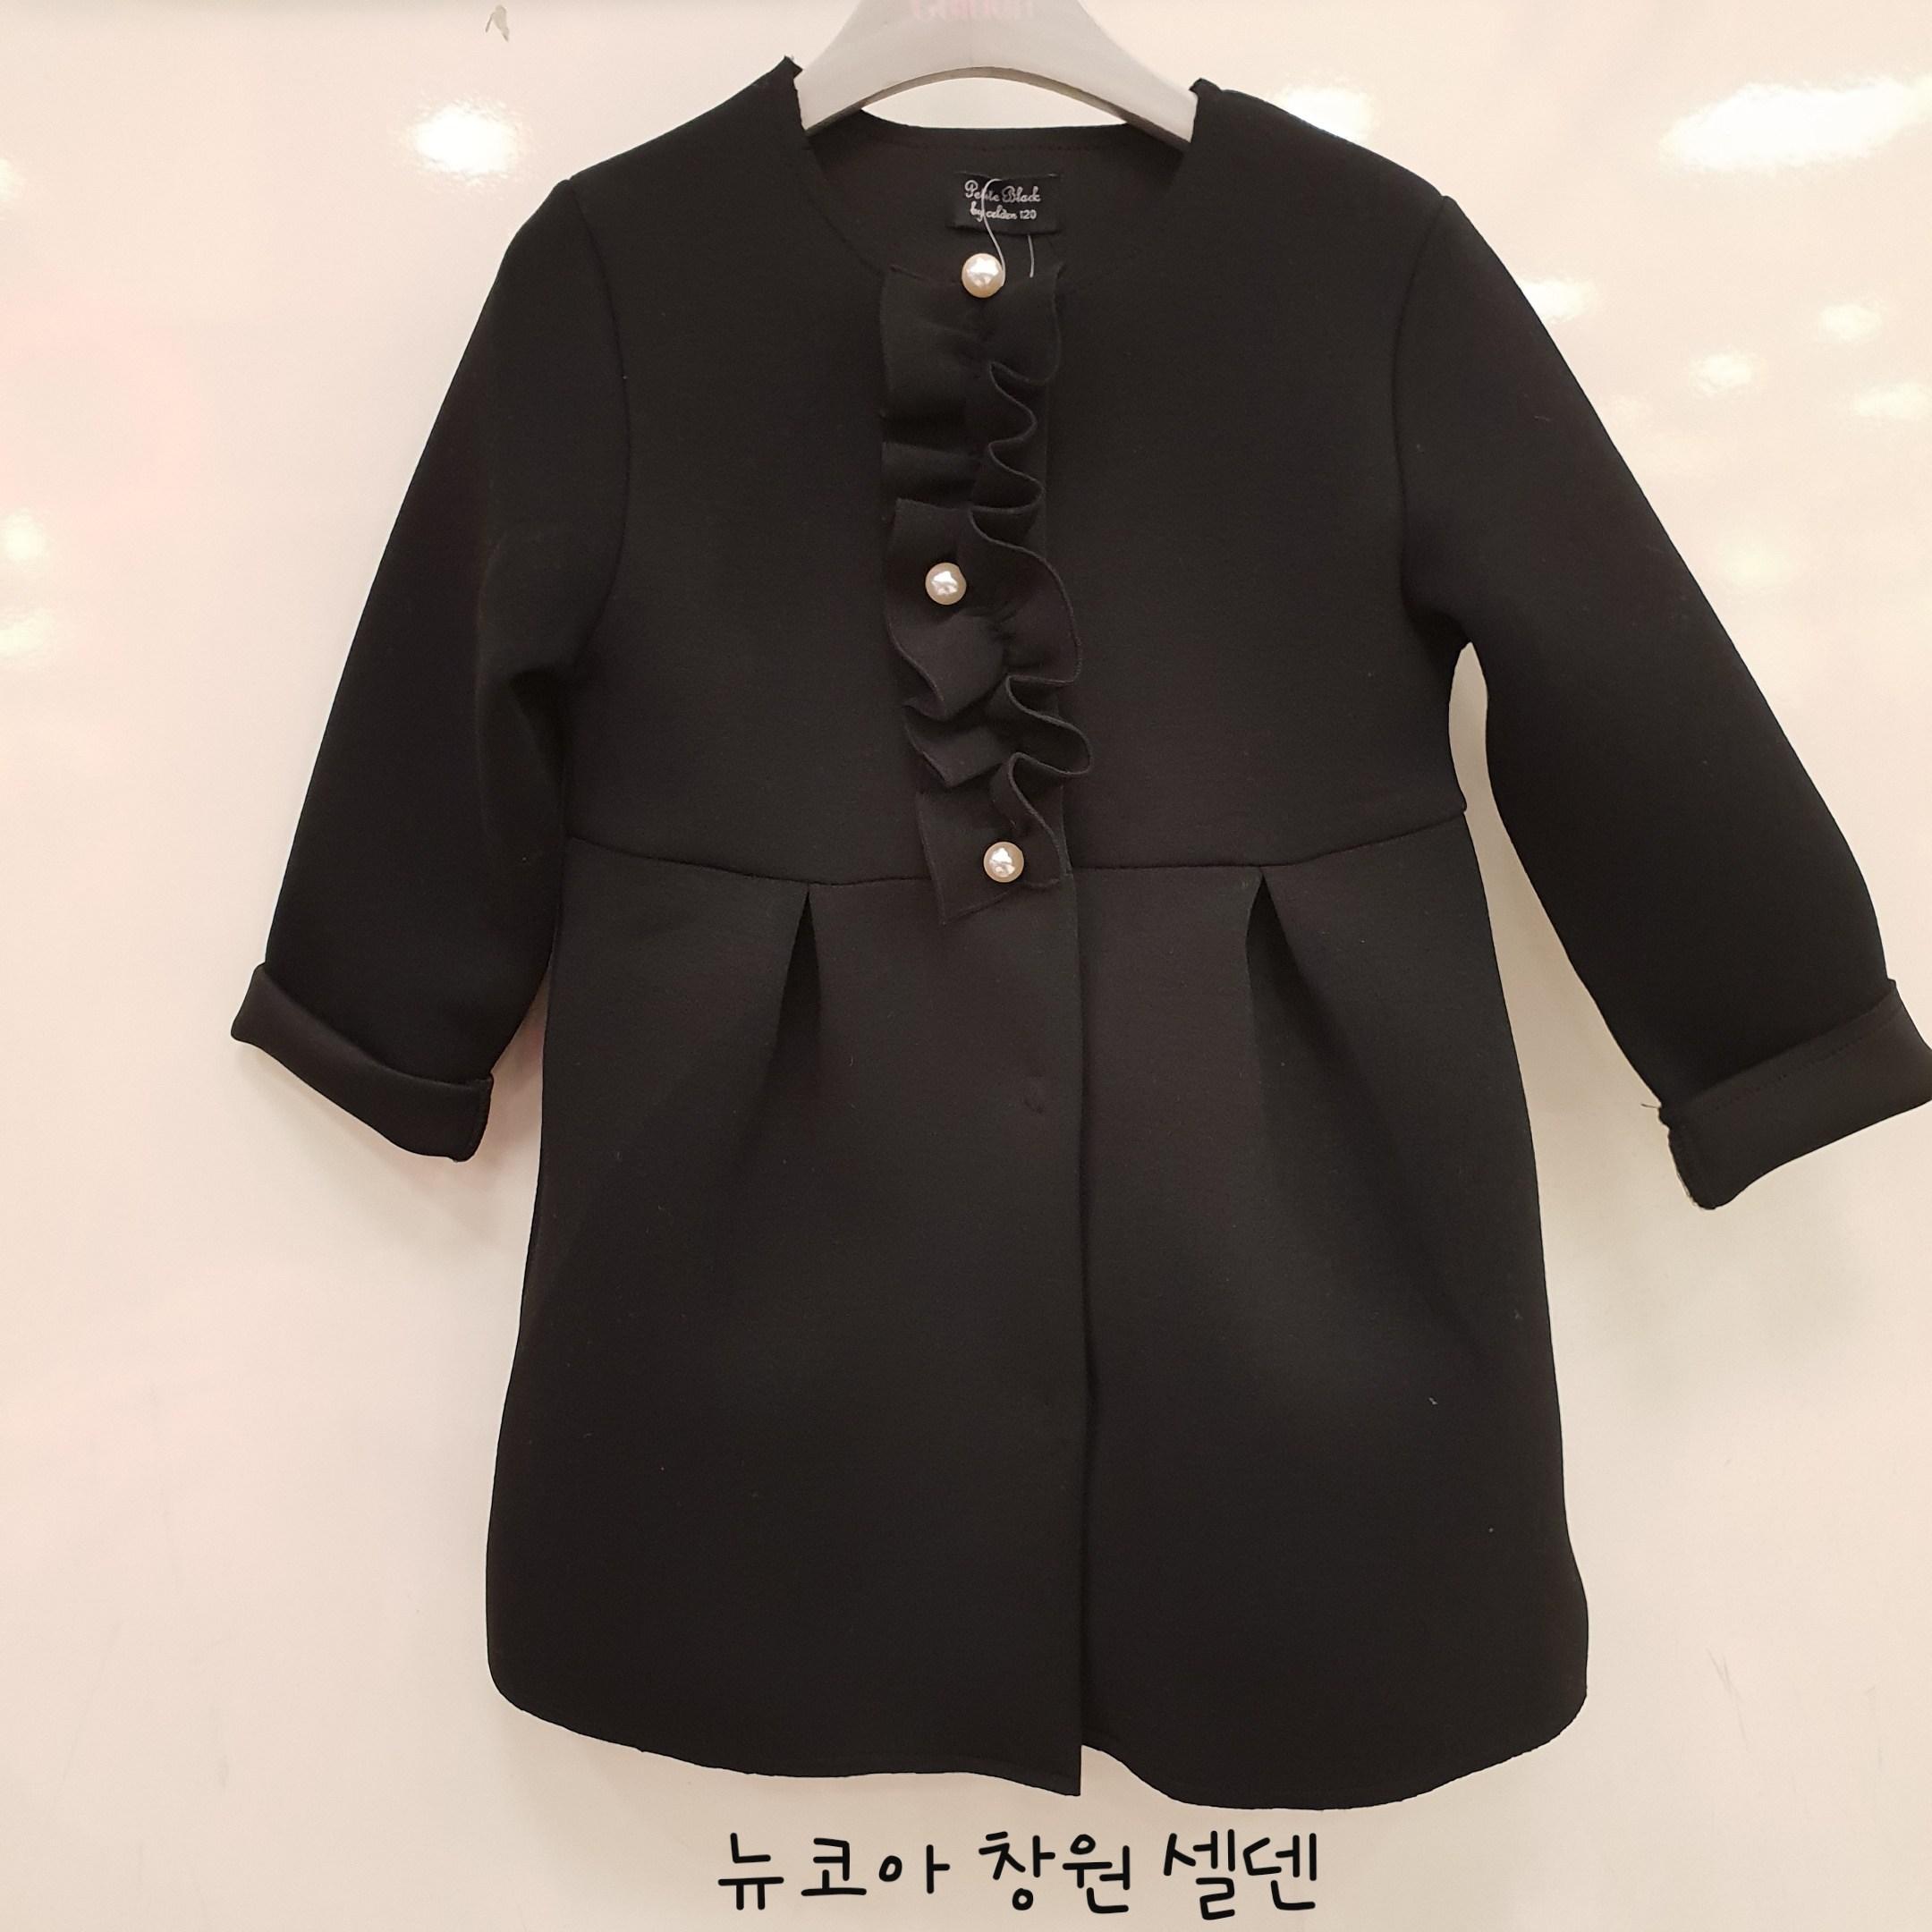 [핫딜]  셀덴 입으면 입을수록 더 매력적인 네오플랜 모던 트렌치코트EDJC18WG2 겨울 코트 추천!